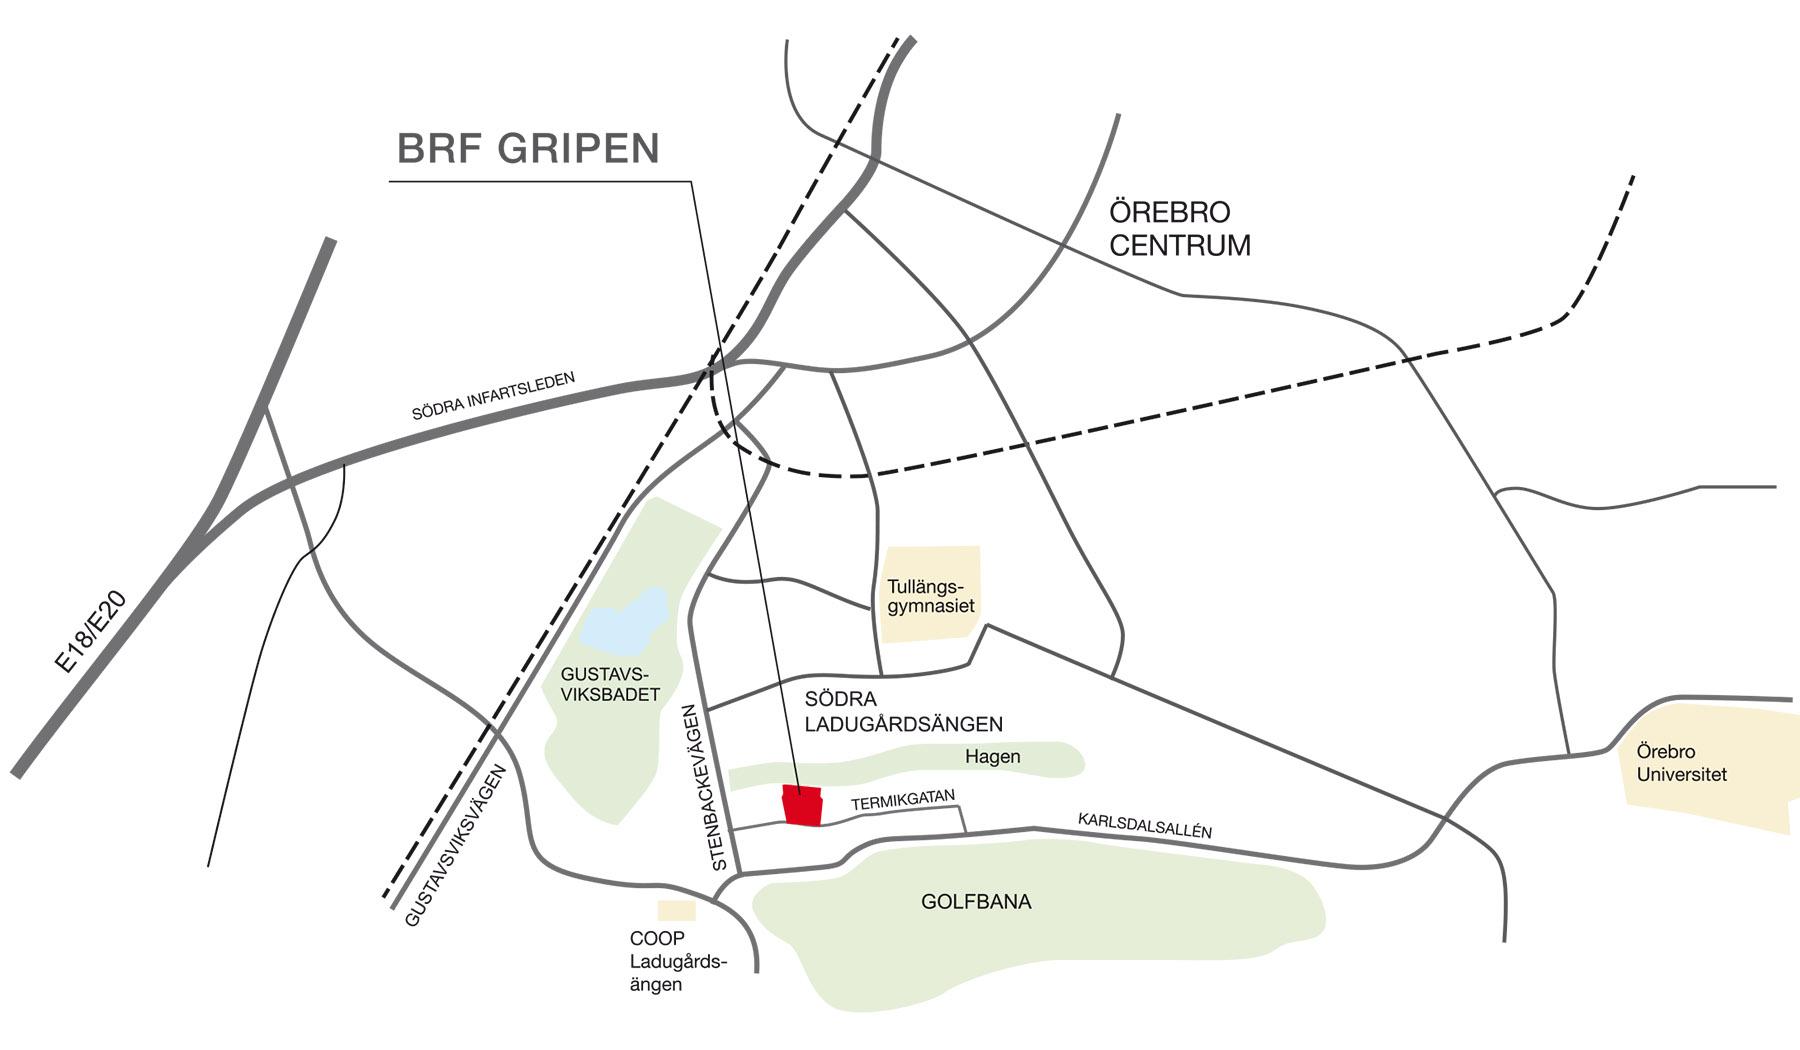 brfgripen-karta-01